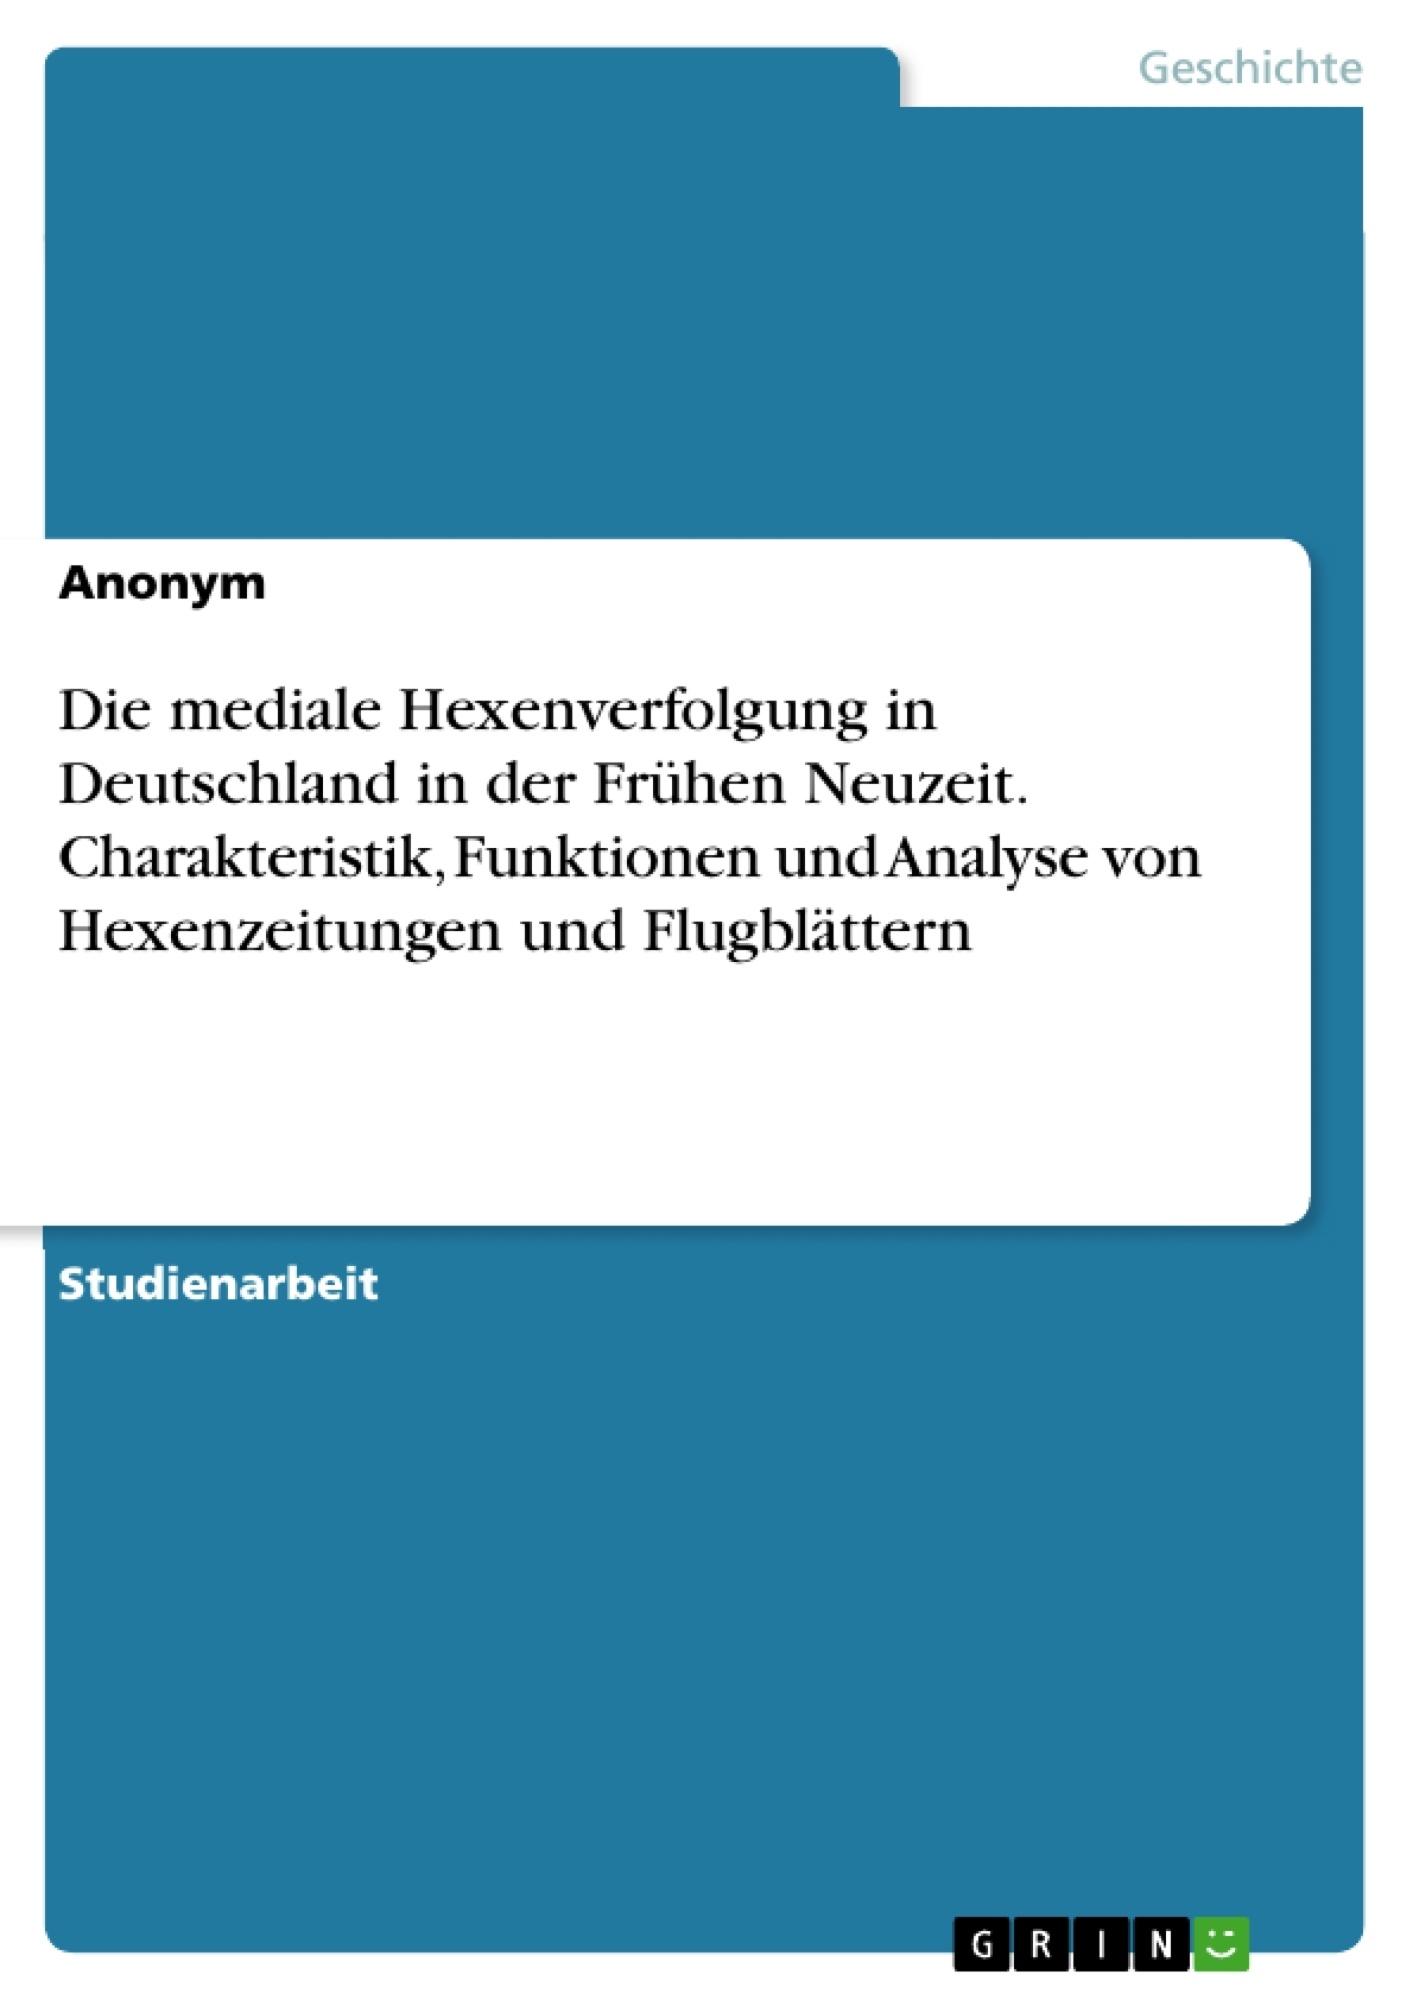 Titel: Die mediale Hexenverfolgung in Deutschland in der Frühen Neuzeit. Charakteristik, Funktionen und Analyse von Hexenzeitungen und Flugblättern